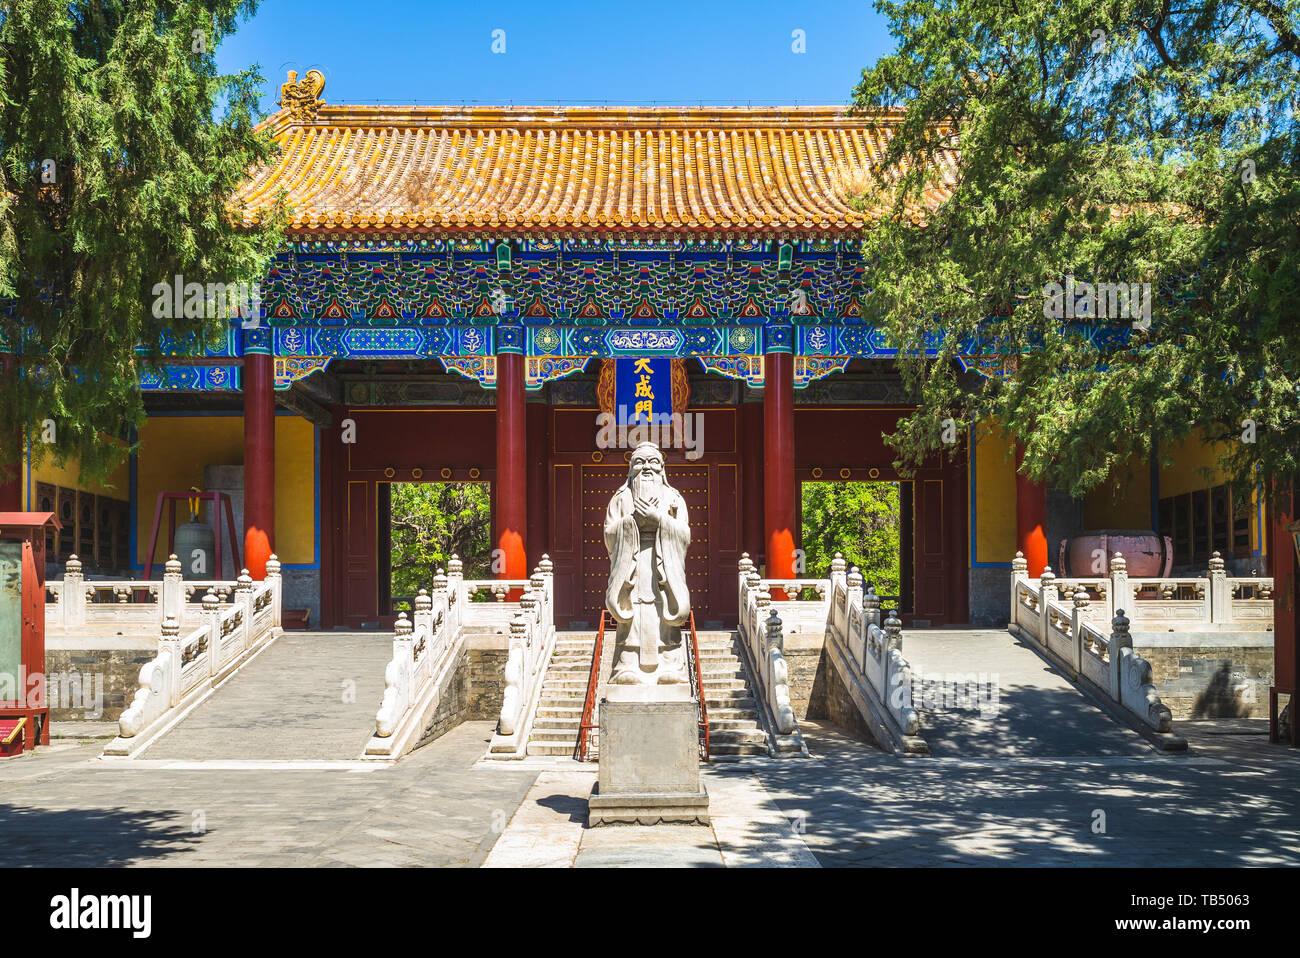 Temple de Confucius de Beijing, Chine. la traduction des caractères chinois est 'Gate' de grandes réalisations Photo Stock